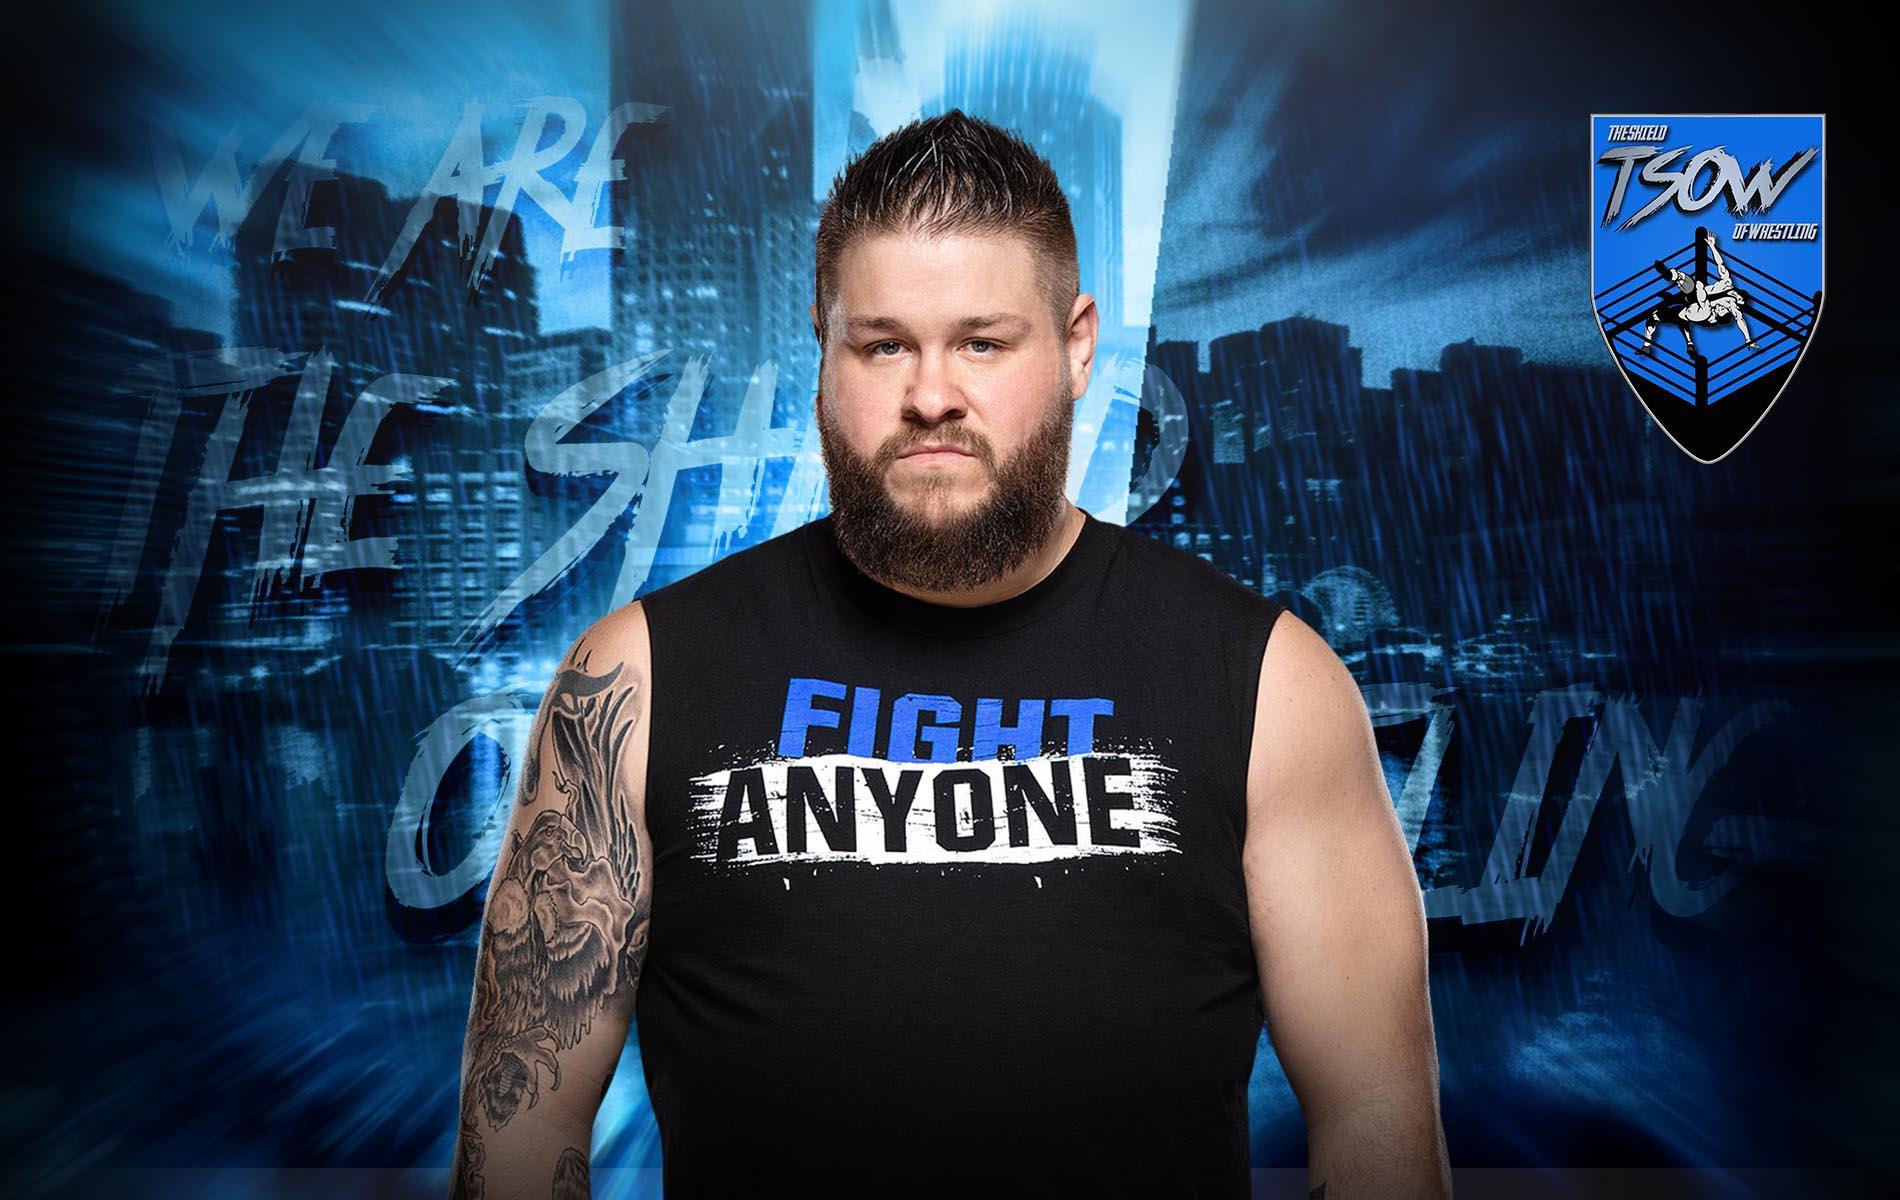 Kevin Owens racconta di come Dusty Rhodes ha ispirato la sua gimmick in WWE